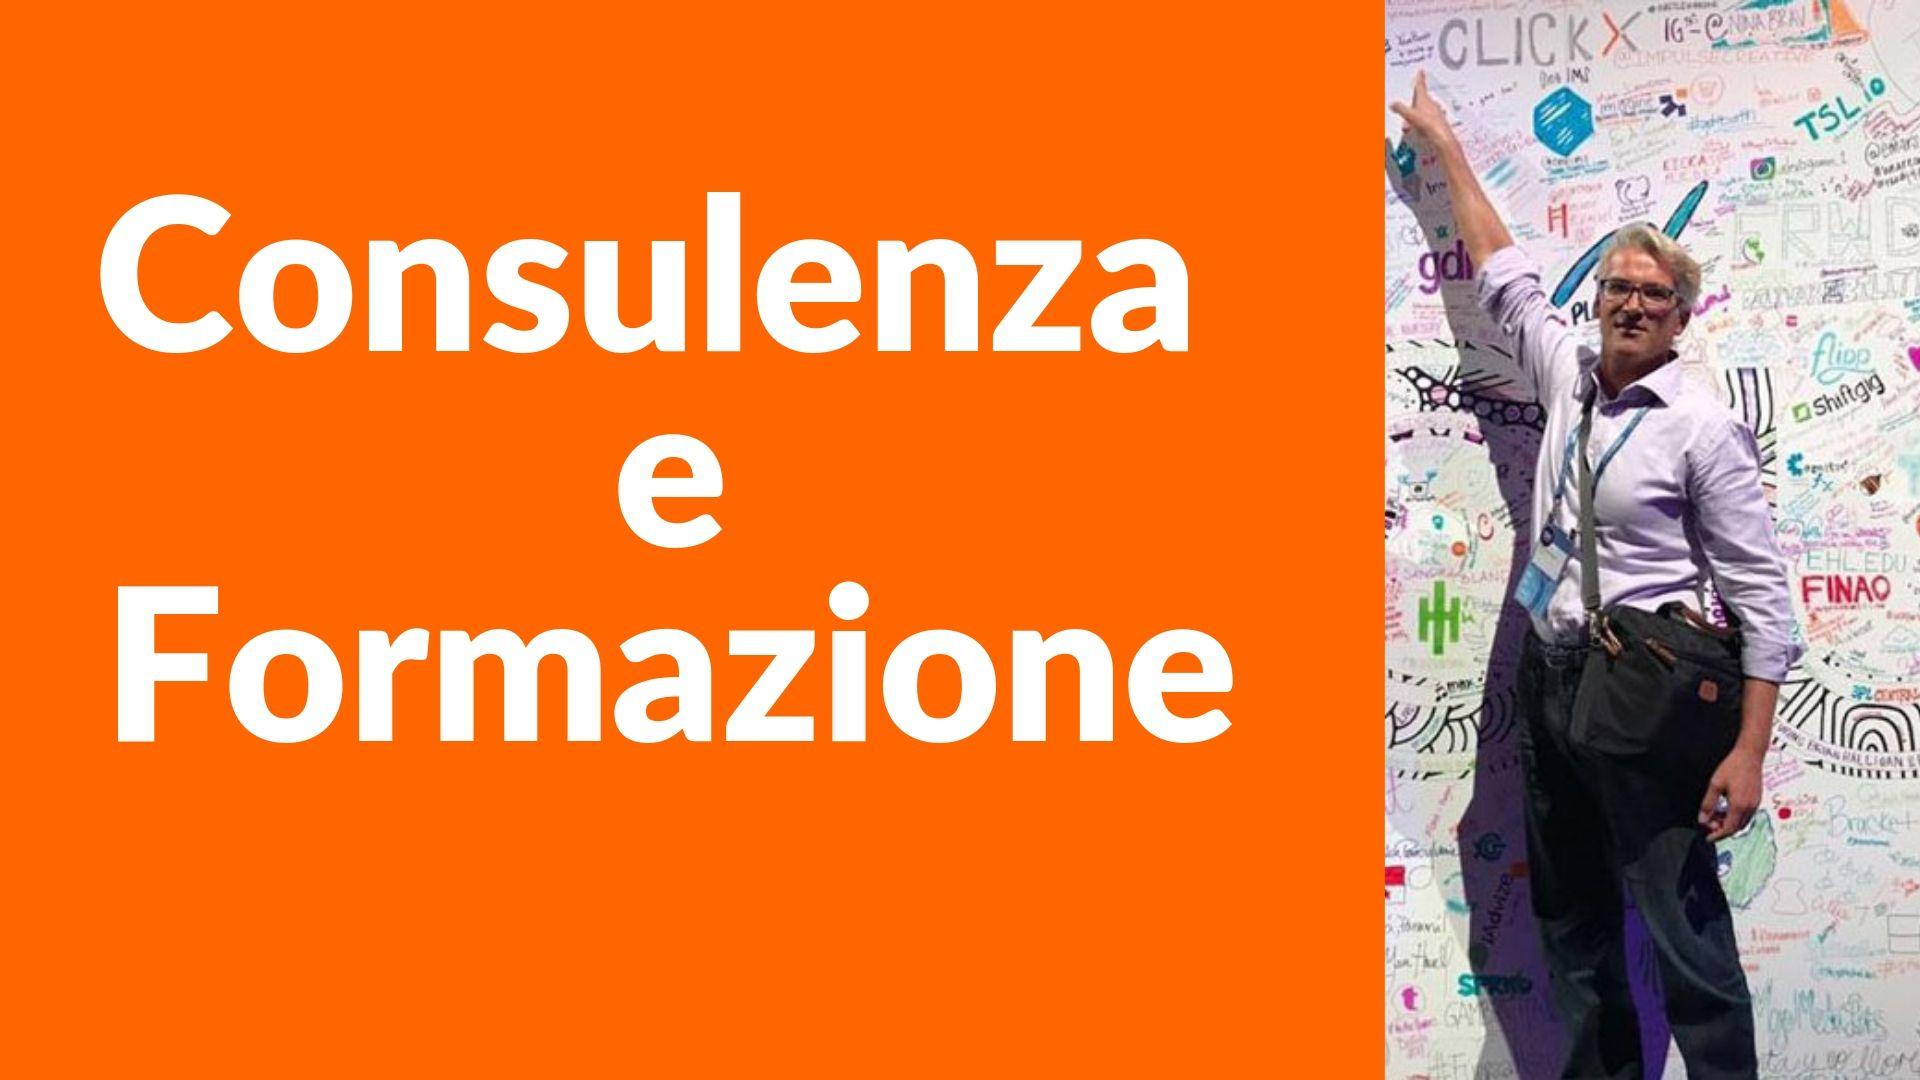 Consulenza e Formazione - YourBoost srls Start Up Innovativa Rimini